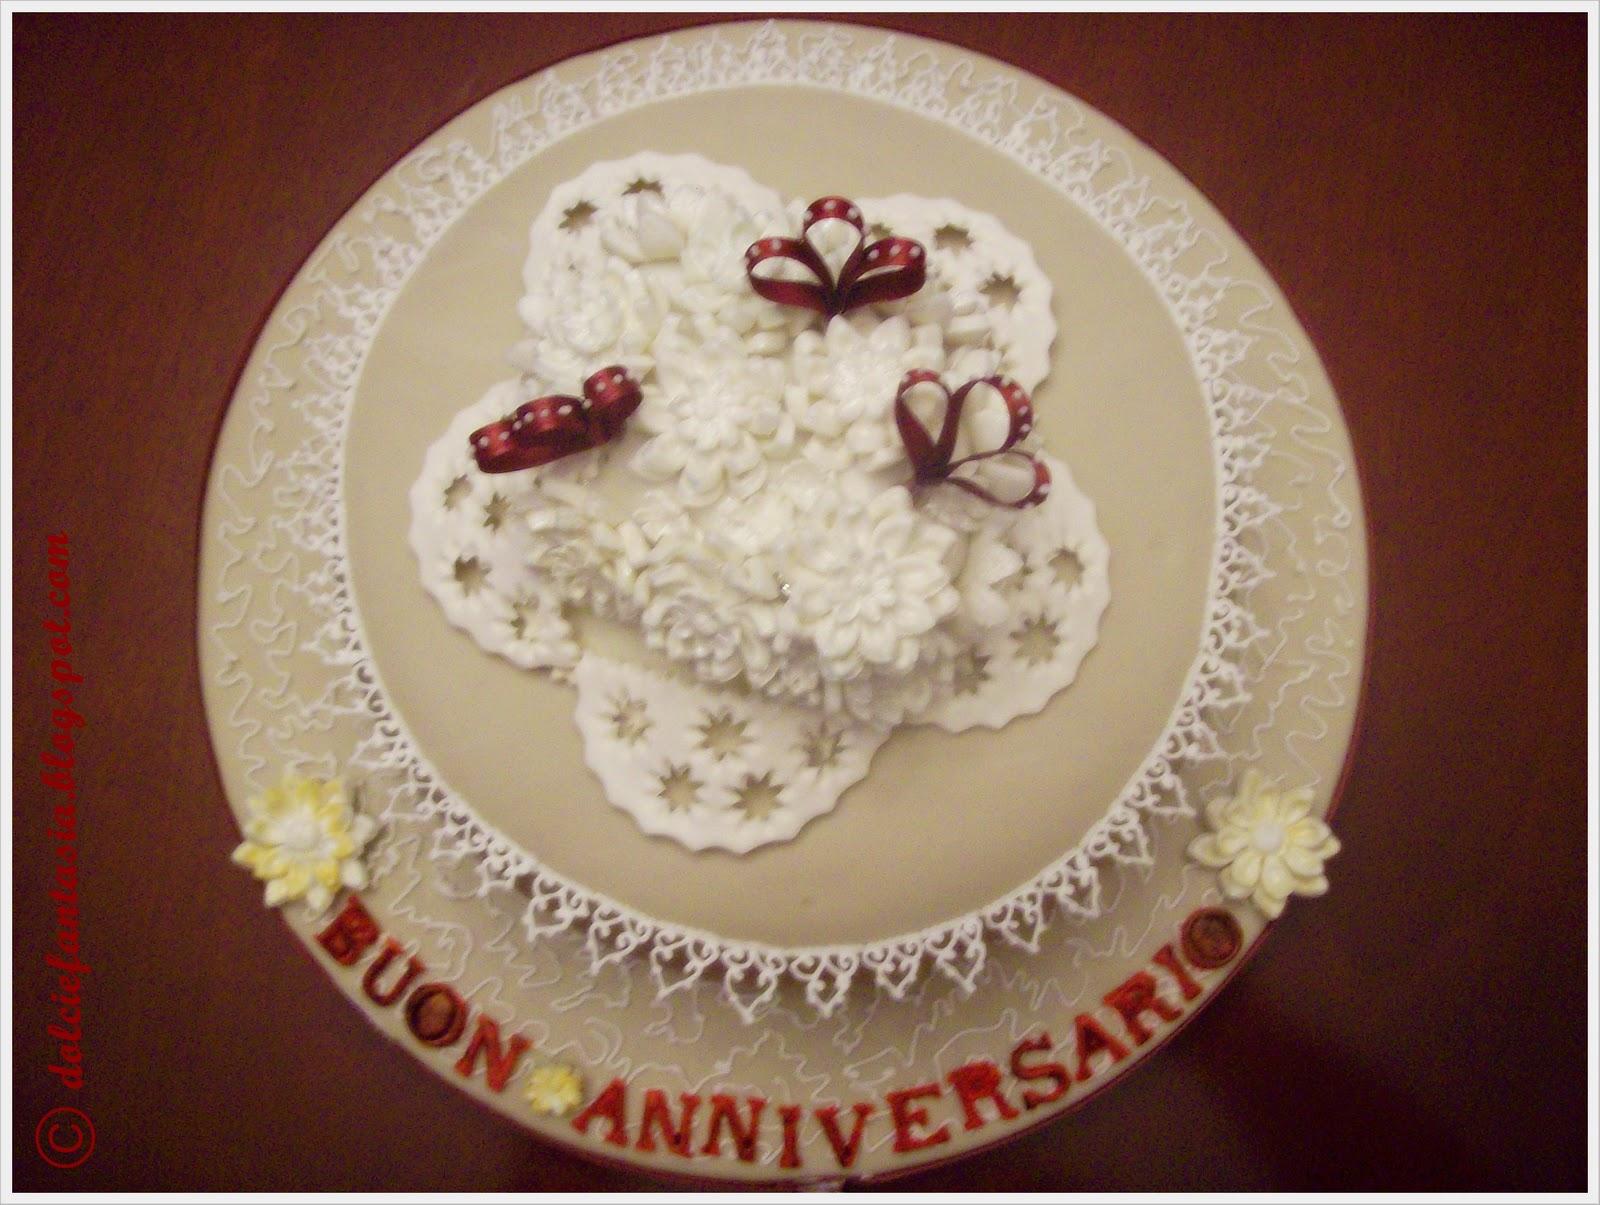 Auguri Cinquantesimo Matrimonio : Desikudiyaan auguri anniversario